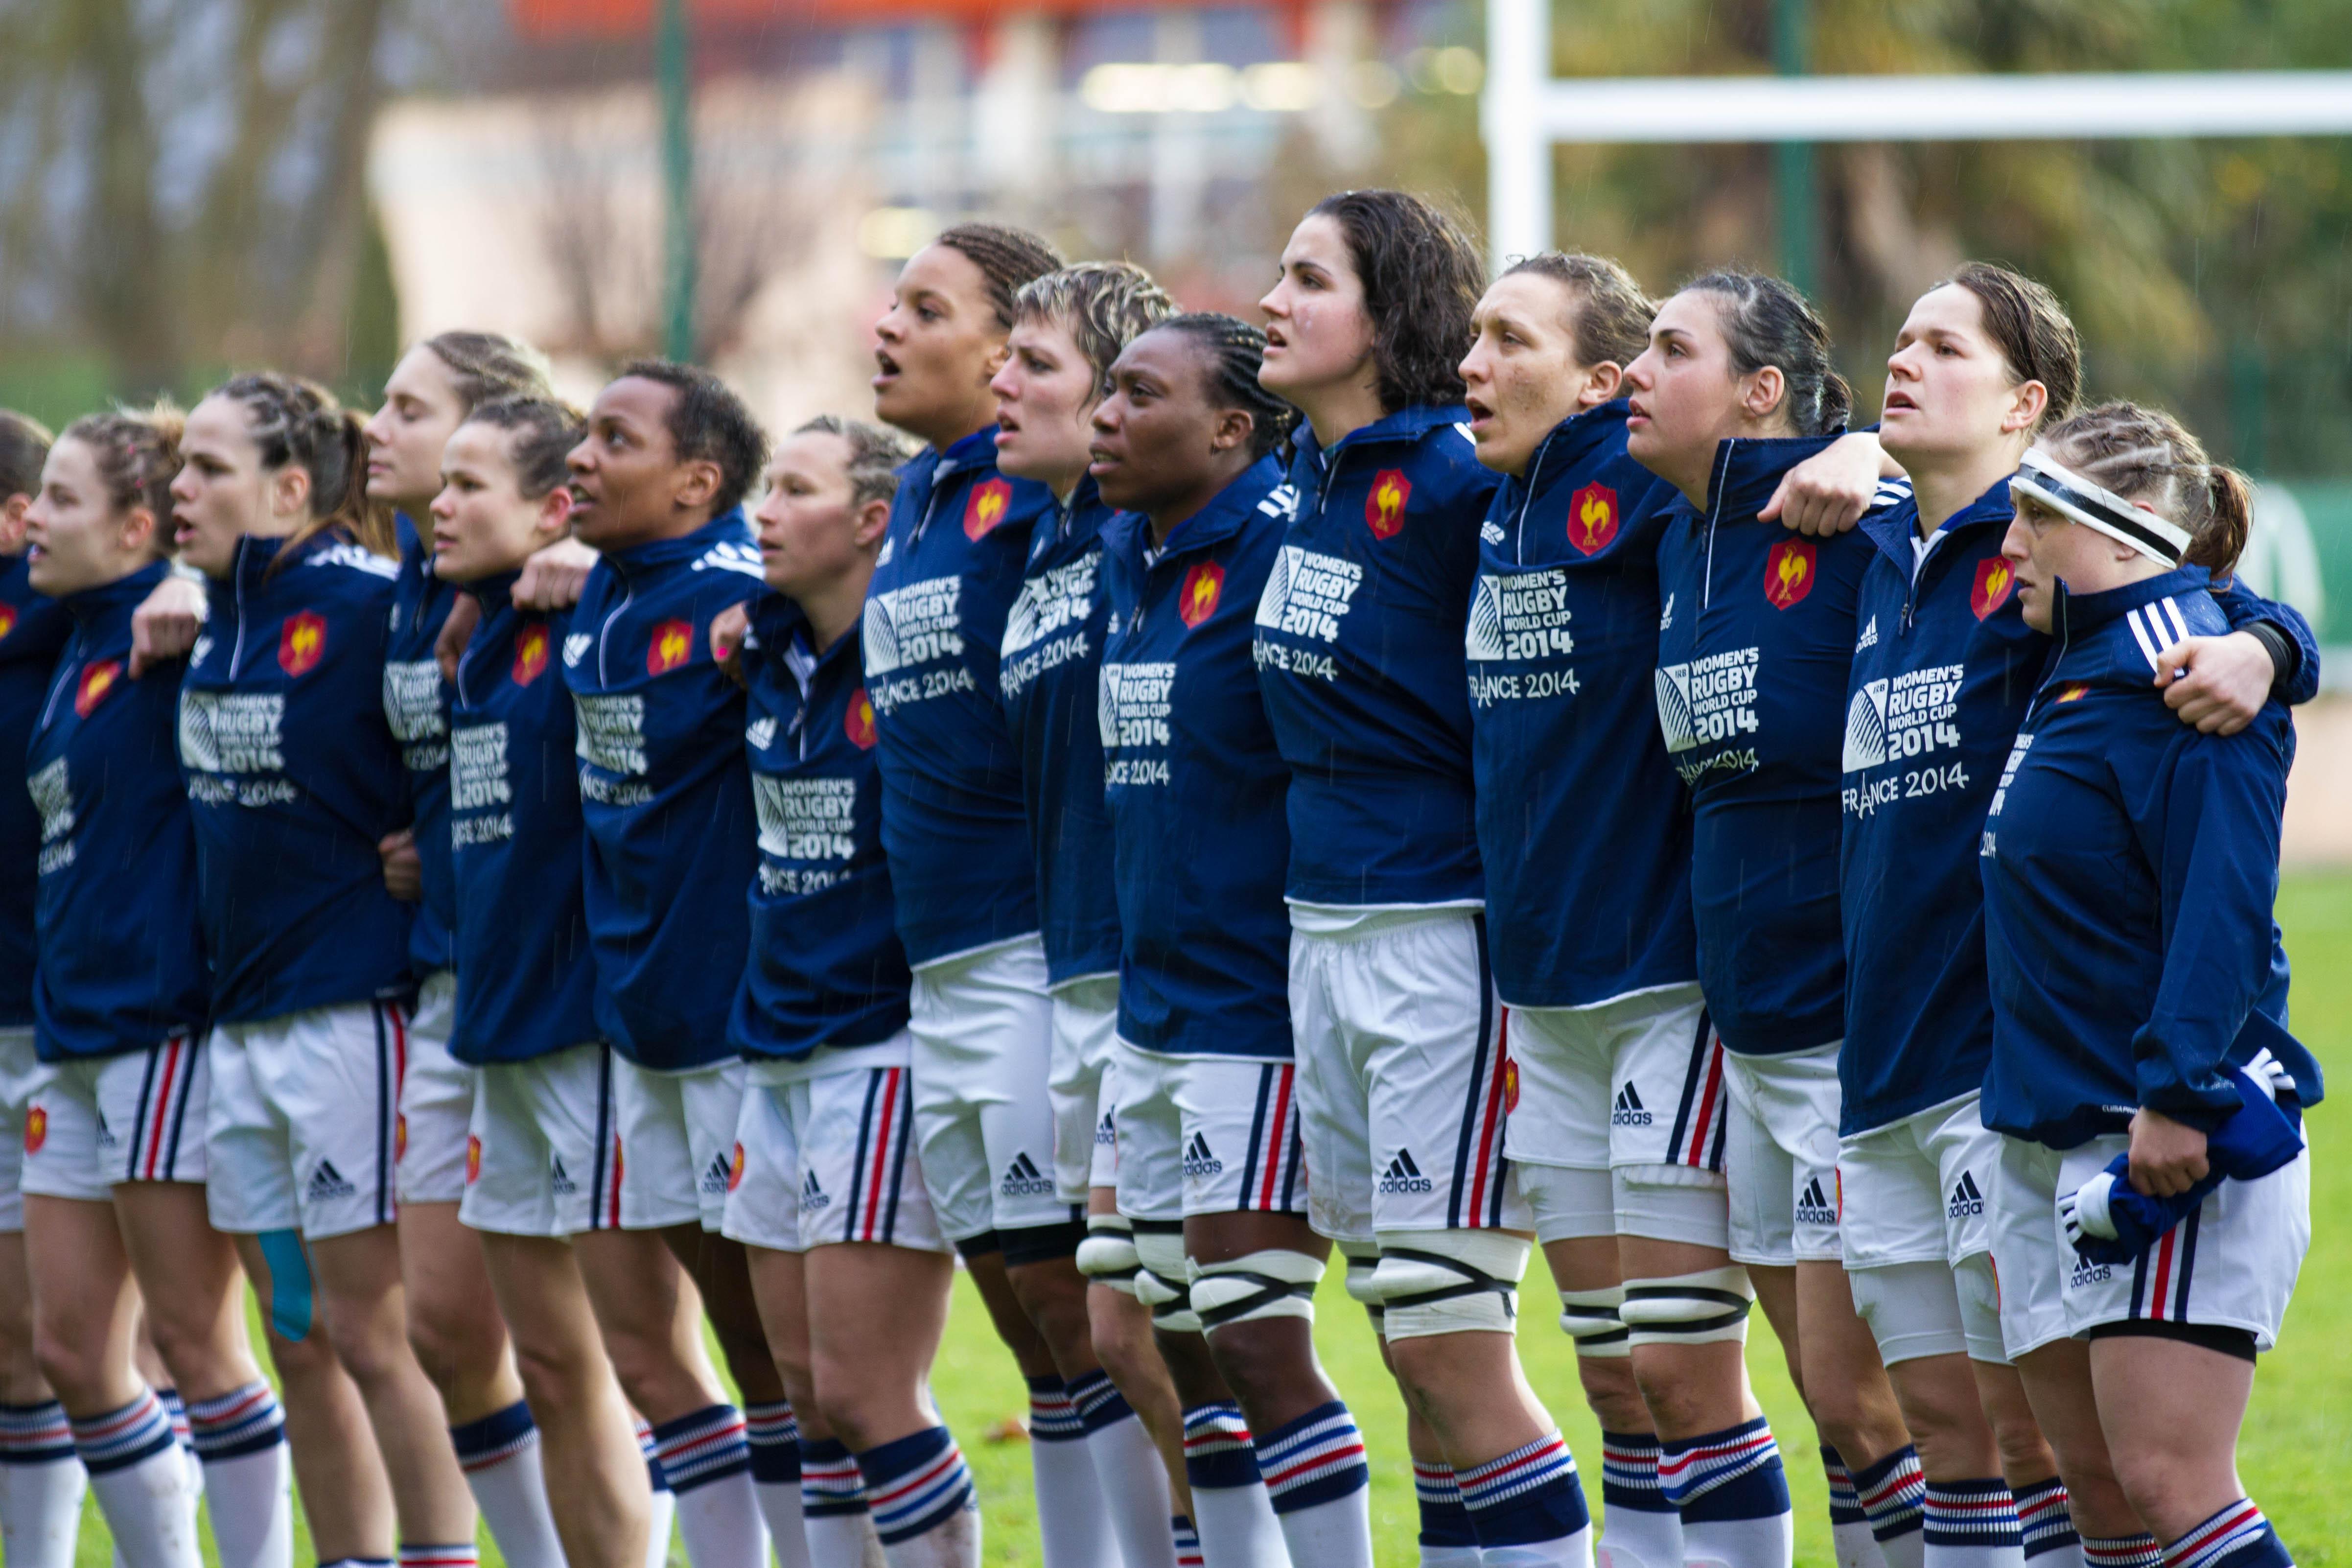 Coupe du monde de rugby oui elles jouent aussi barbi e turix - Rugby coupe des 6 nations ...